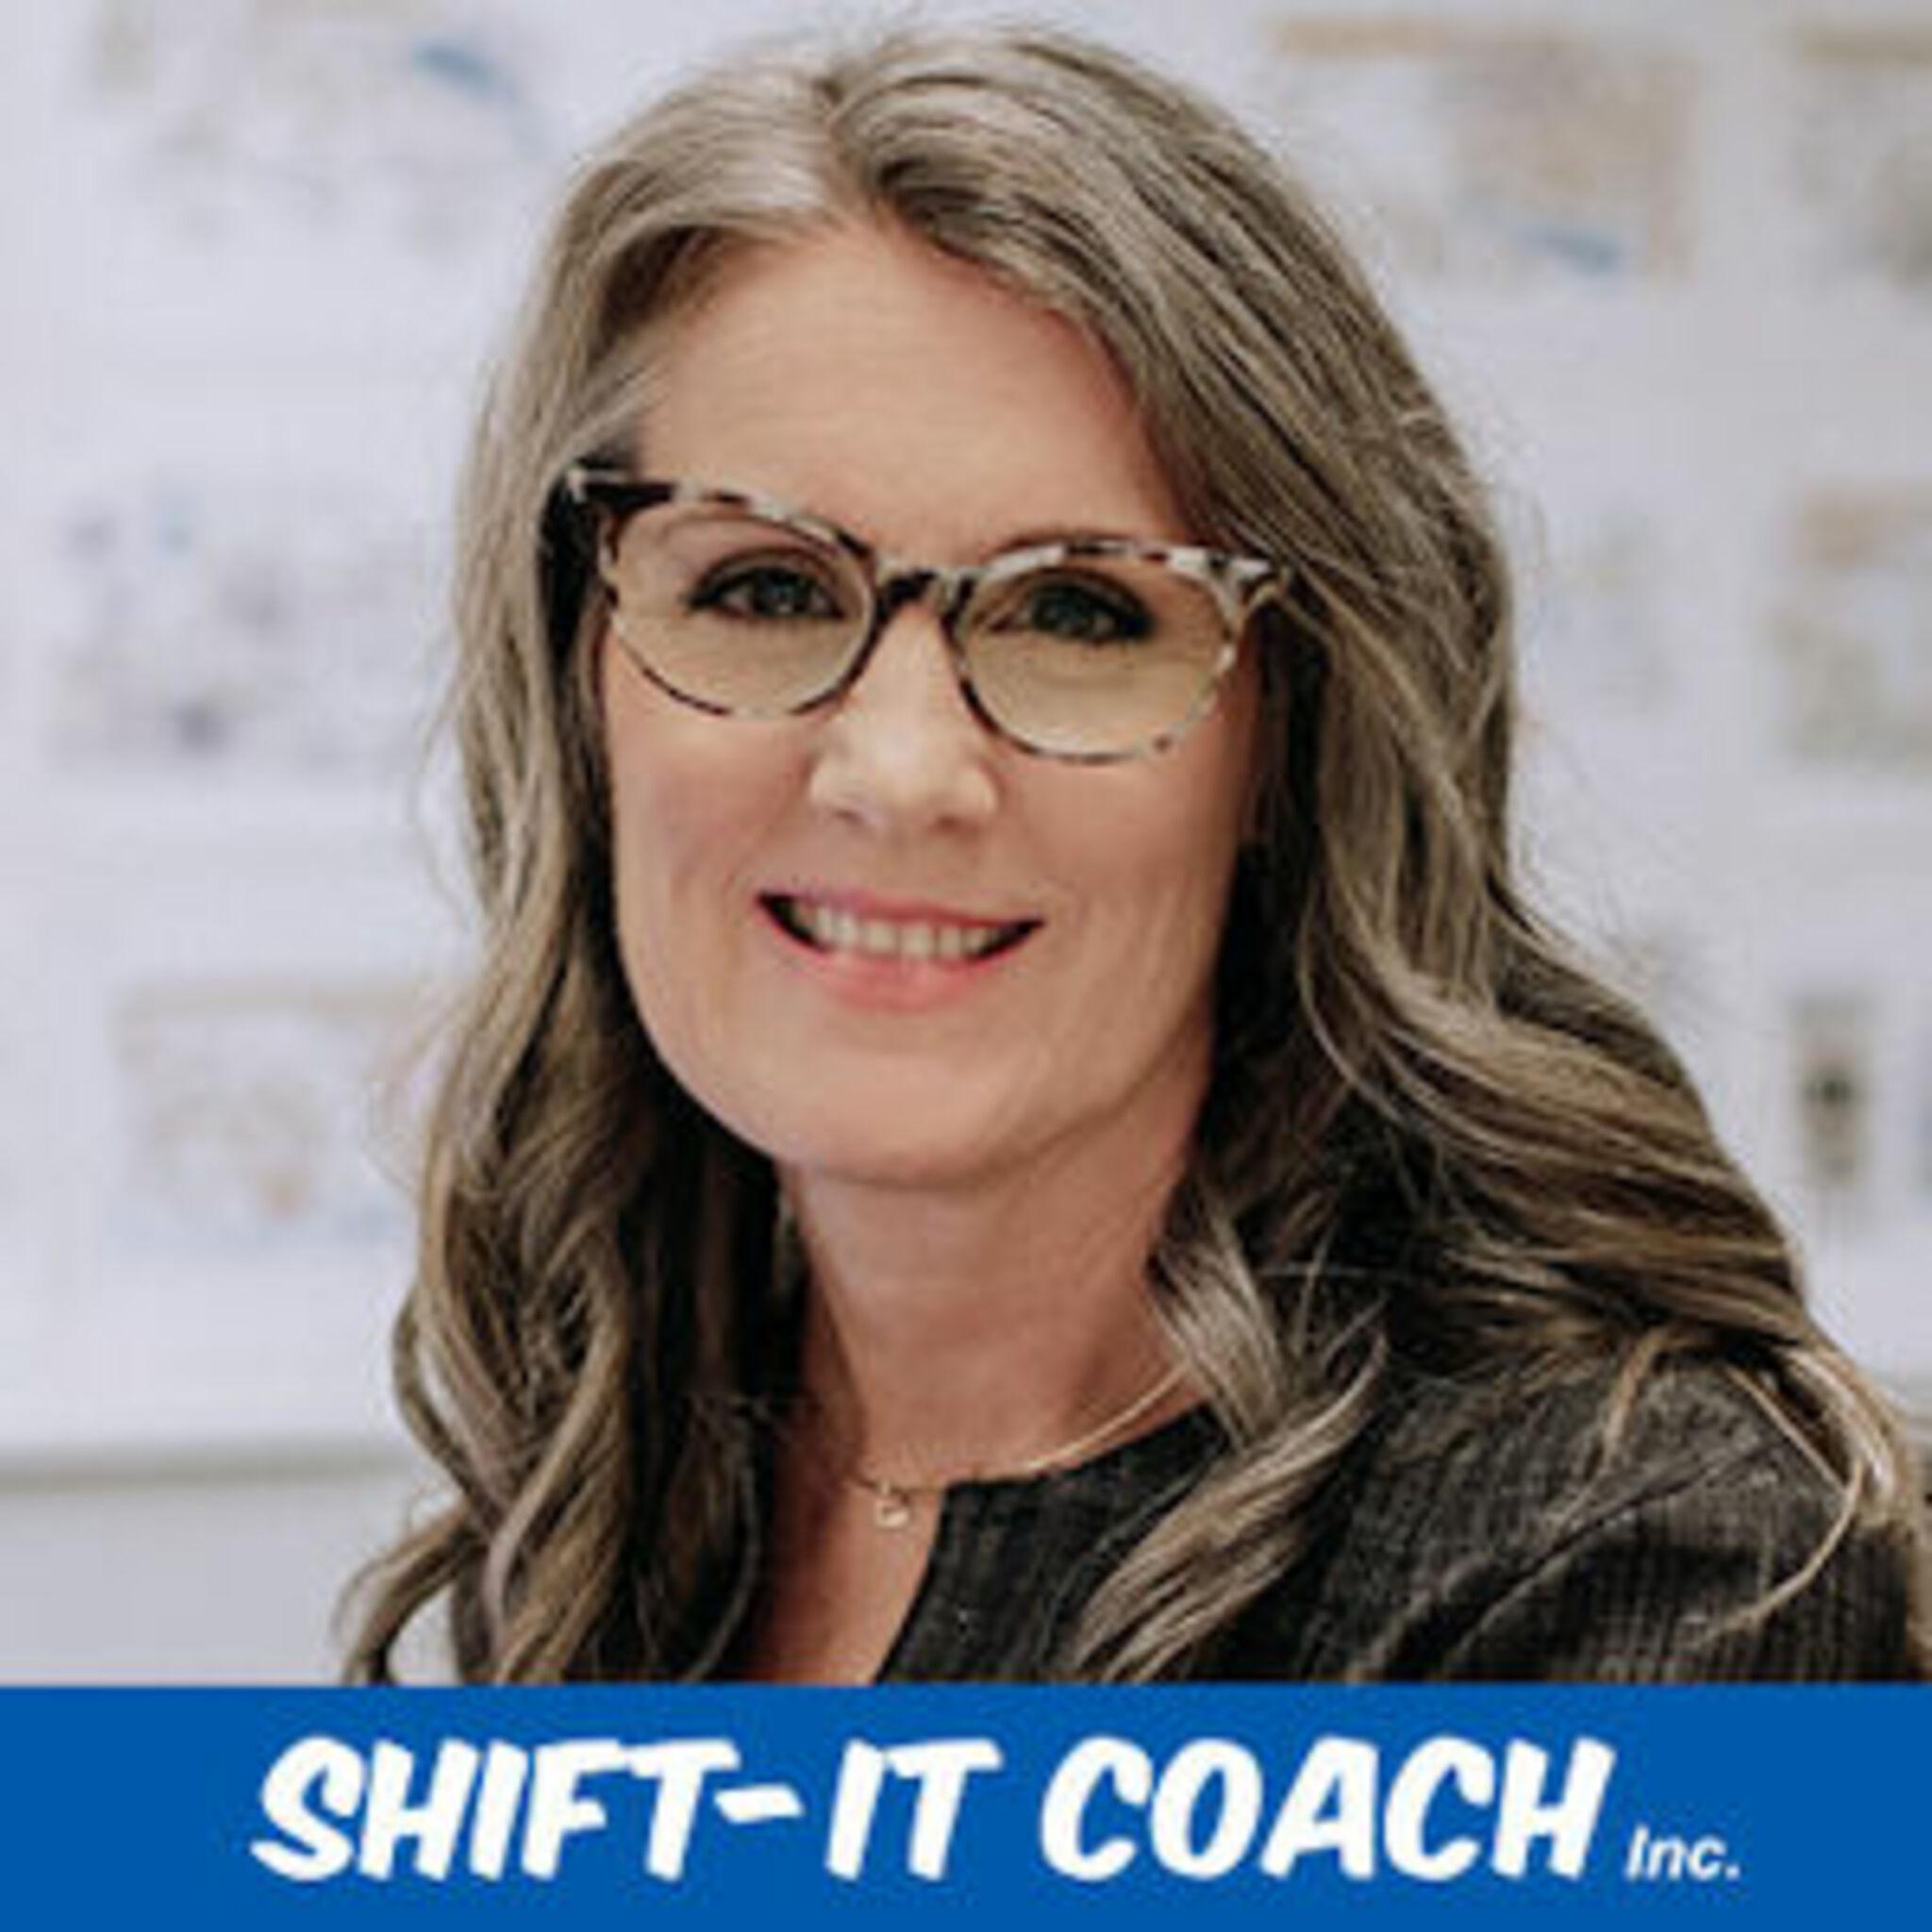 <![CDATA[Christina Merkley, The SHIFT-IT Coach]]>